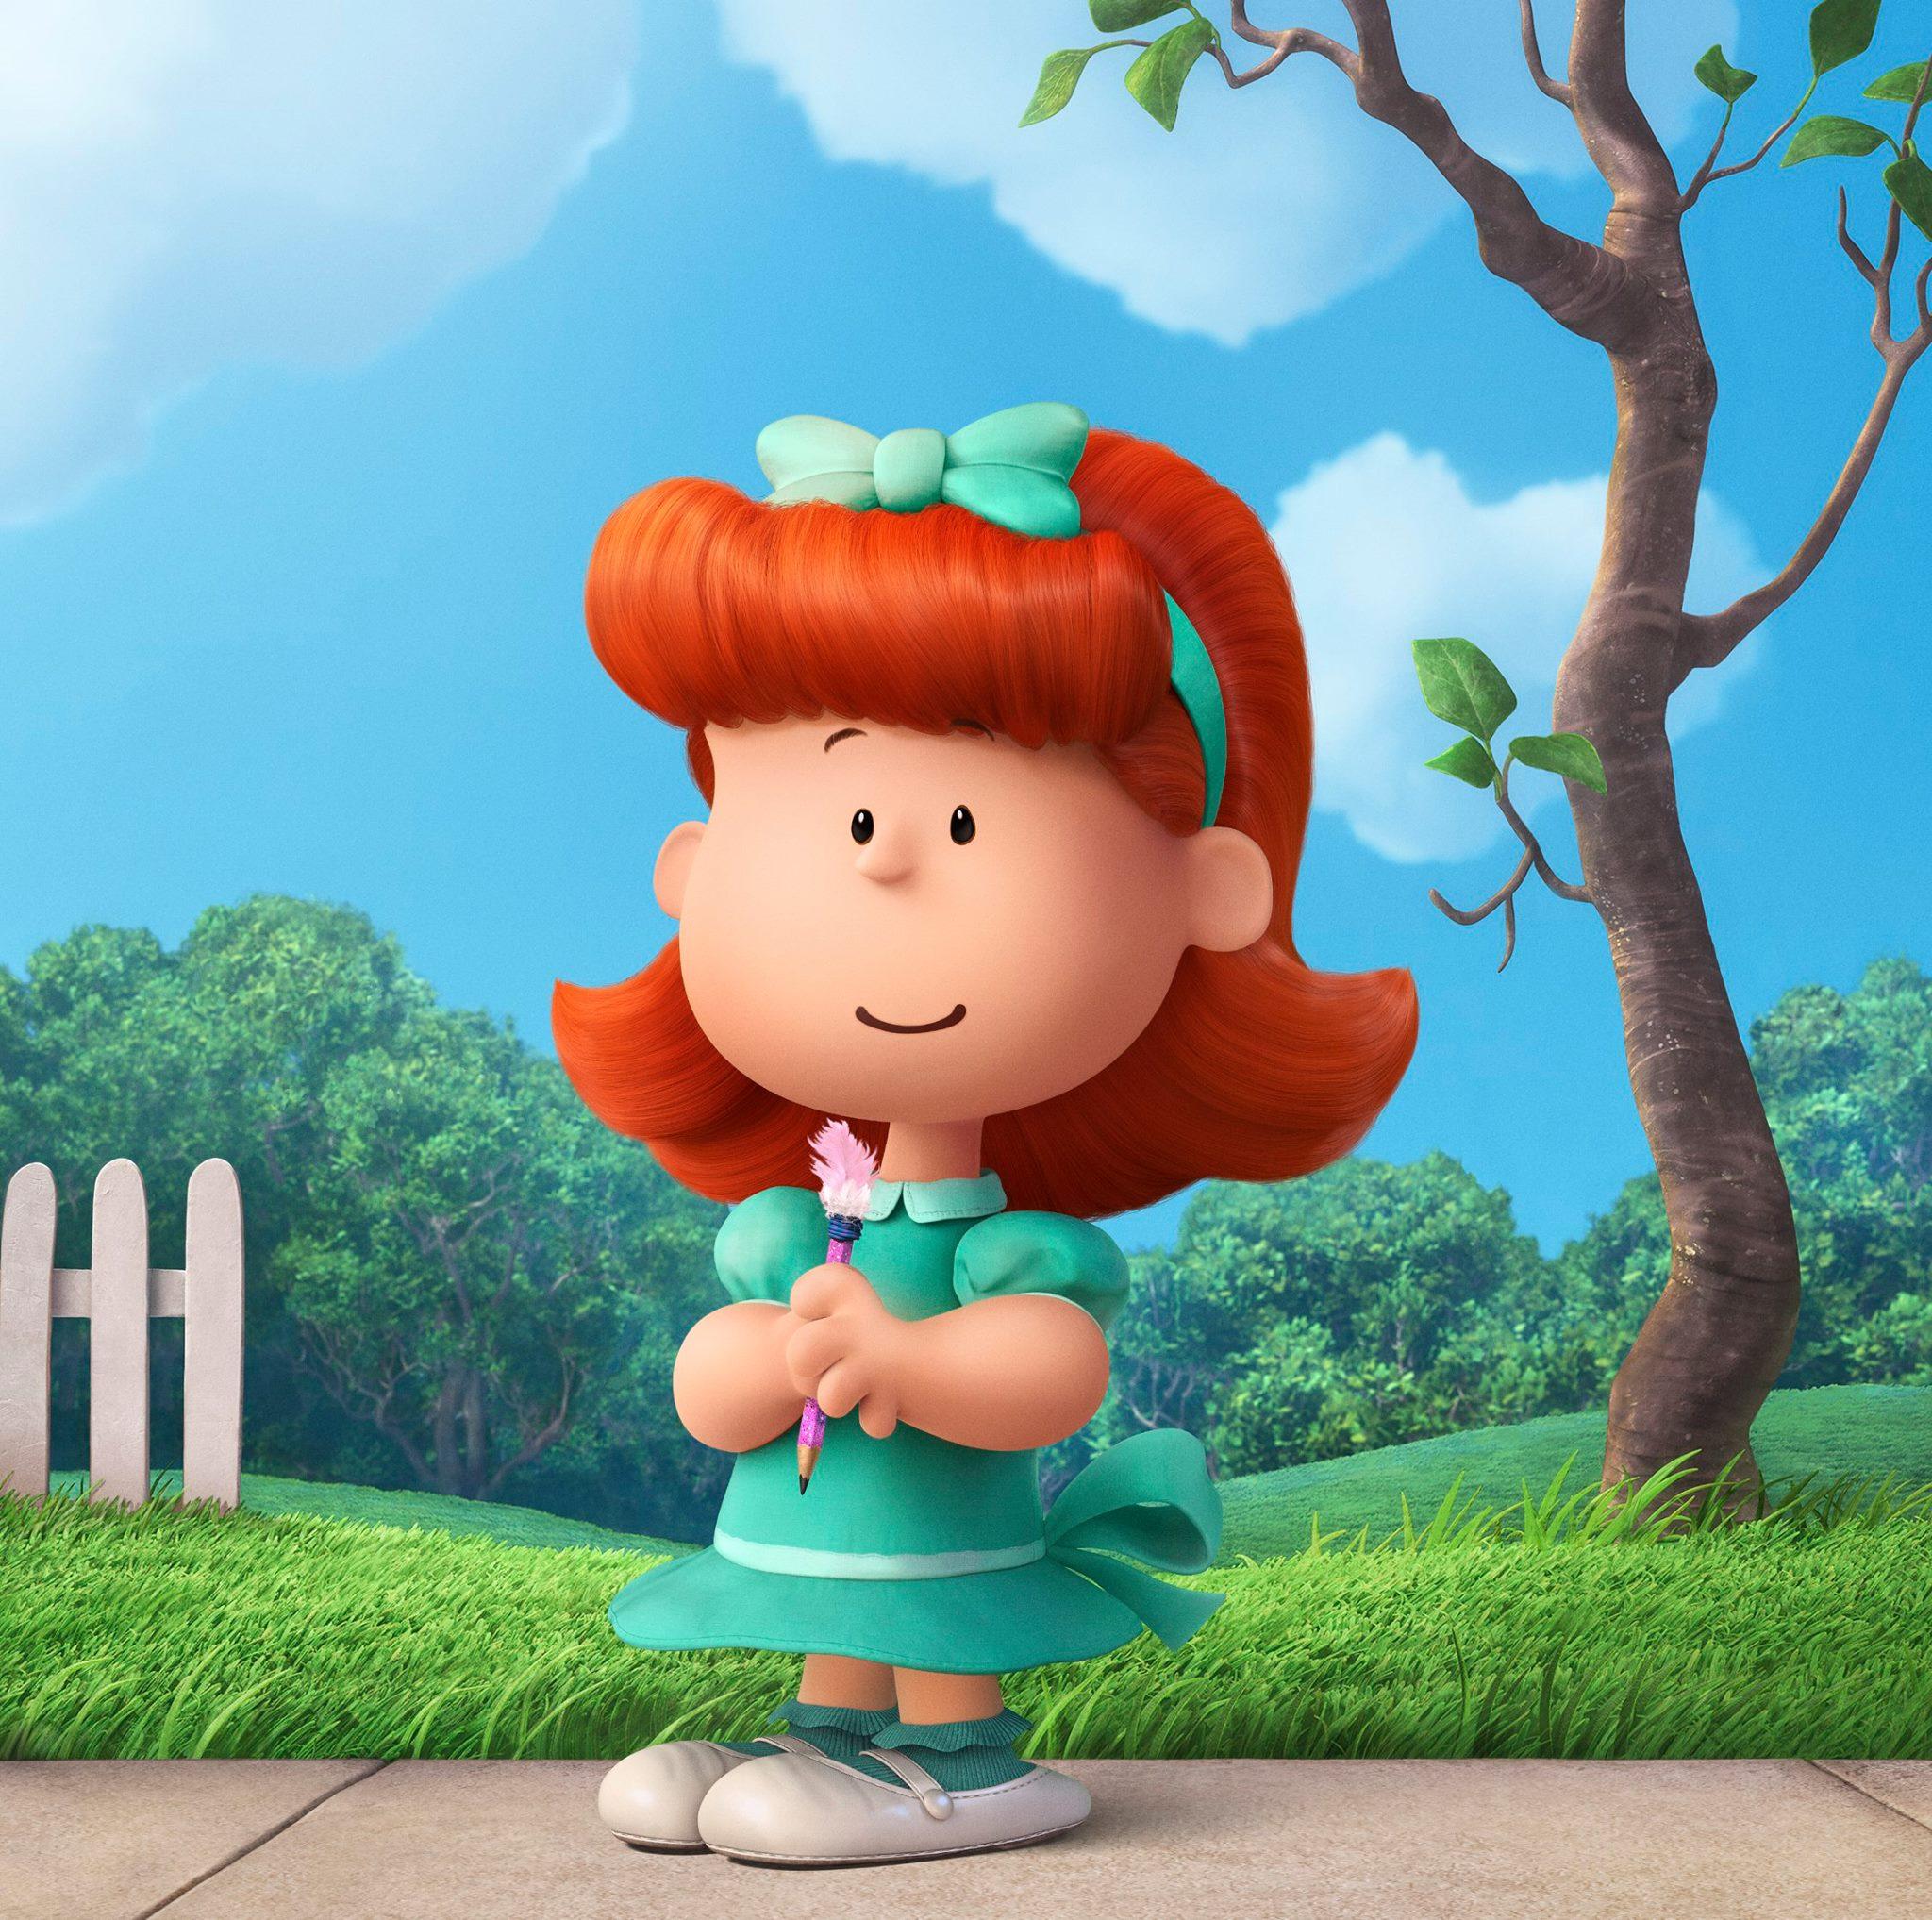 Snoopy e Charlie Brown- Peanuts, O Filme